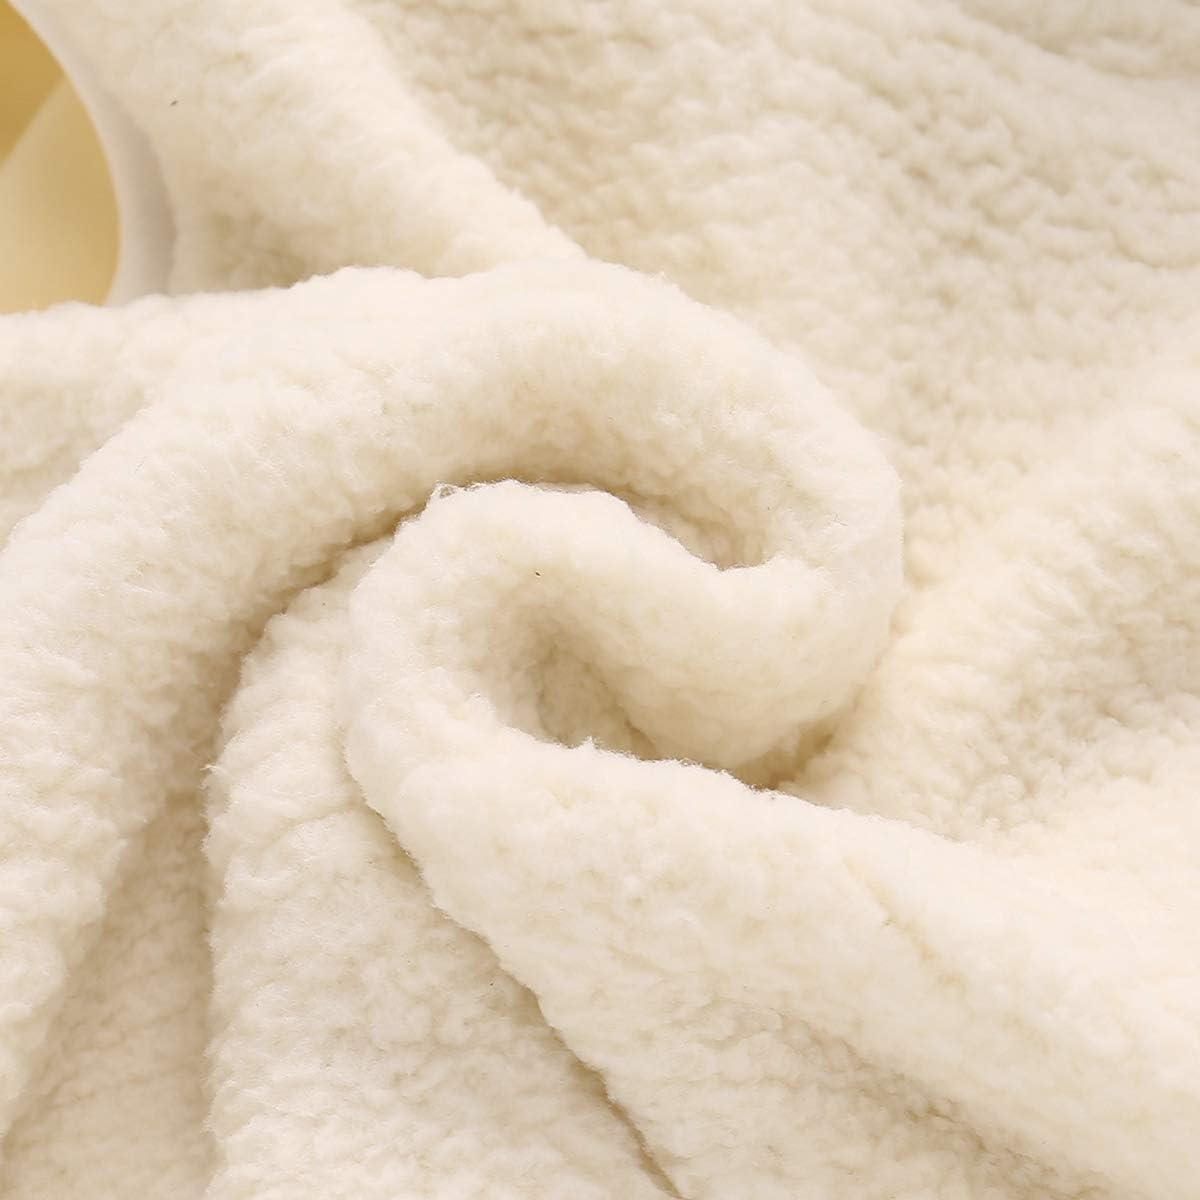 Tabpole Chaleco c/álido de forro polar para ni/ños oto/ño invierno c/álido con capucha chaleco chaleco chaleco